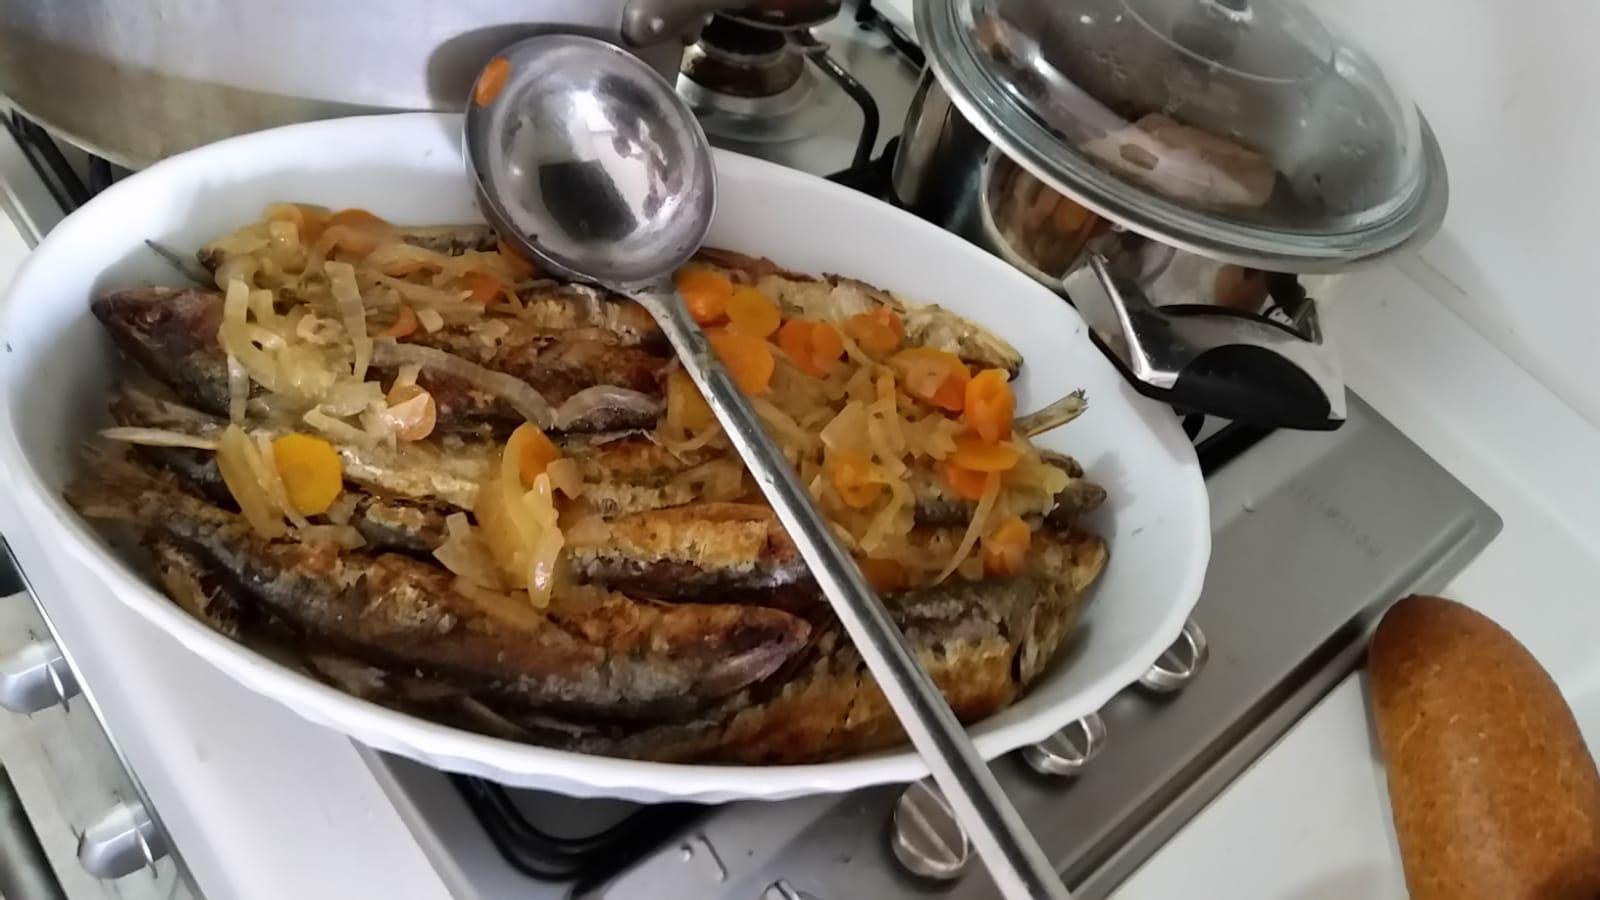 Agone in carpione: ricetta estiva per gli amanti del pesce